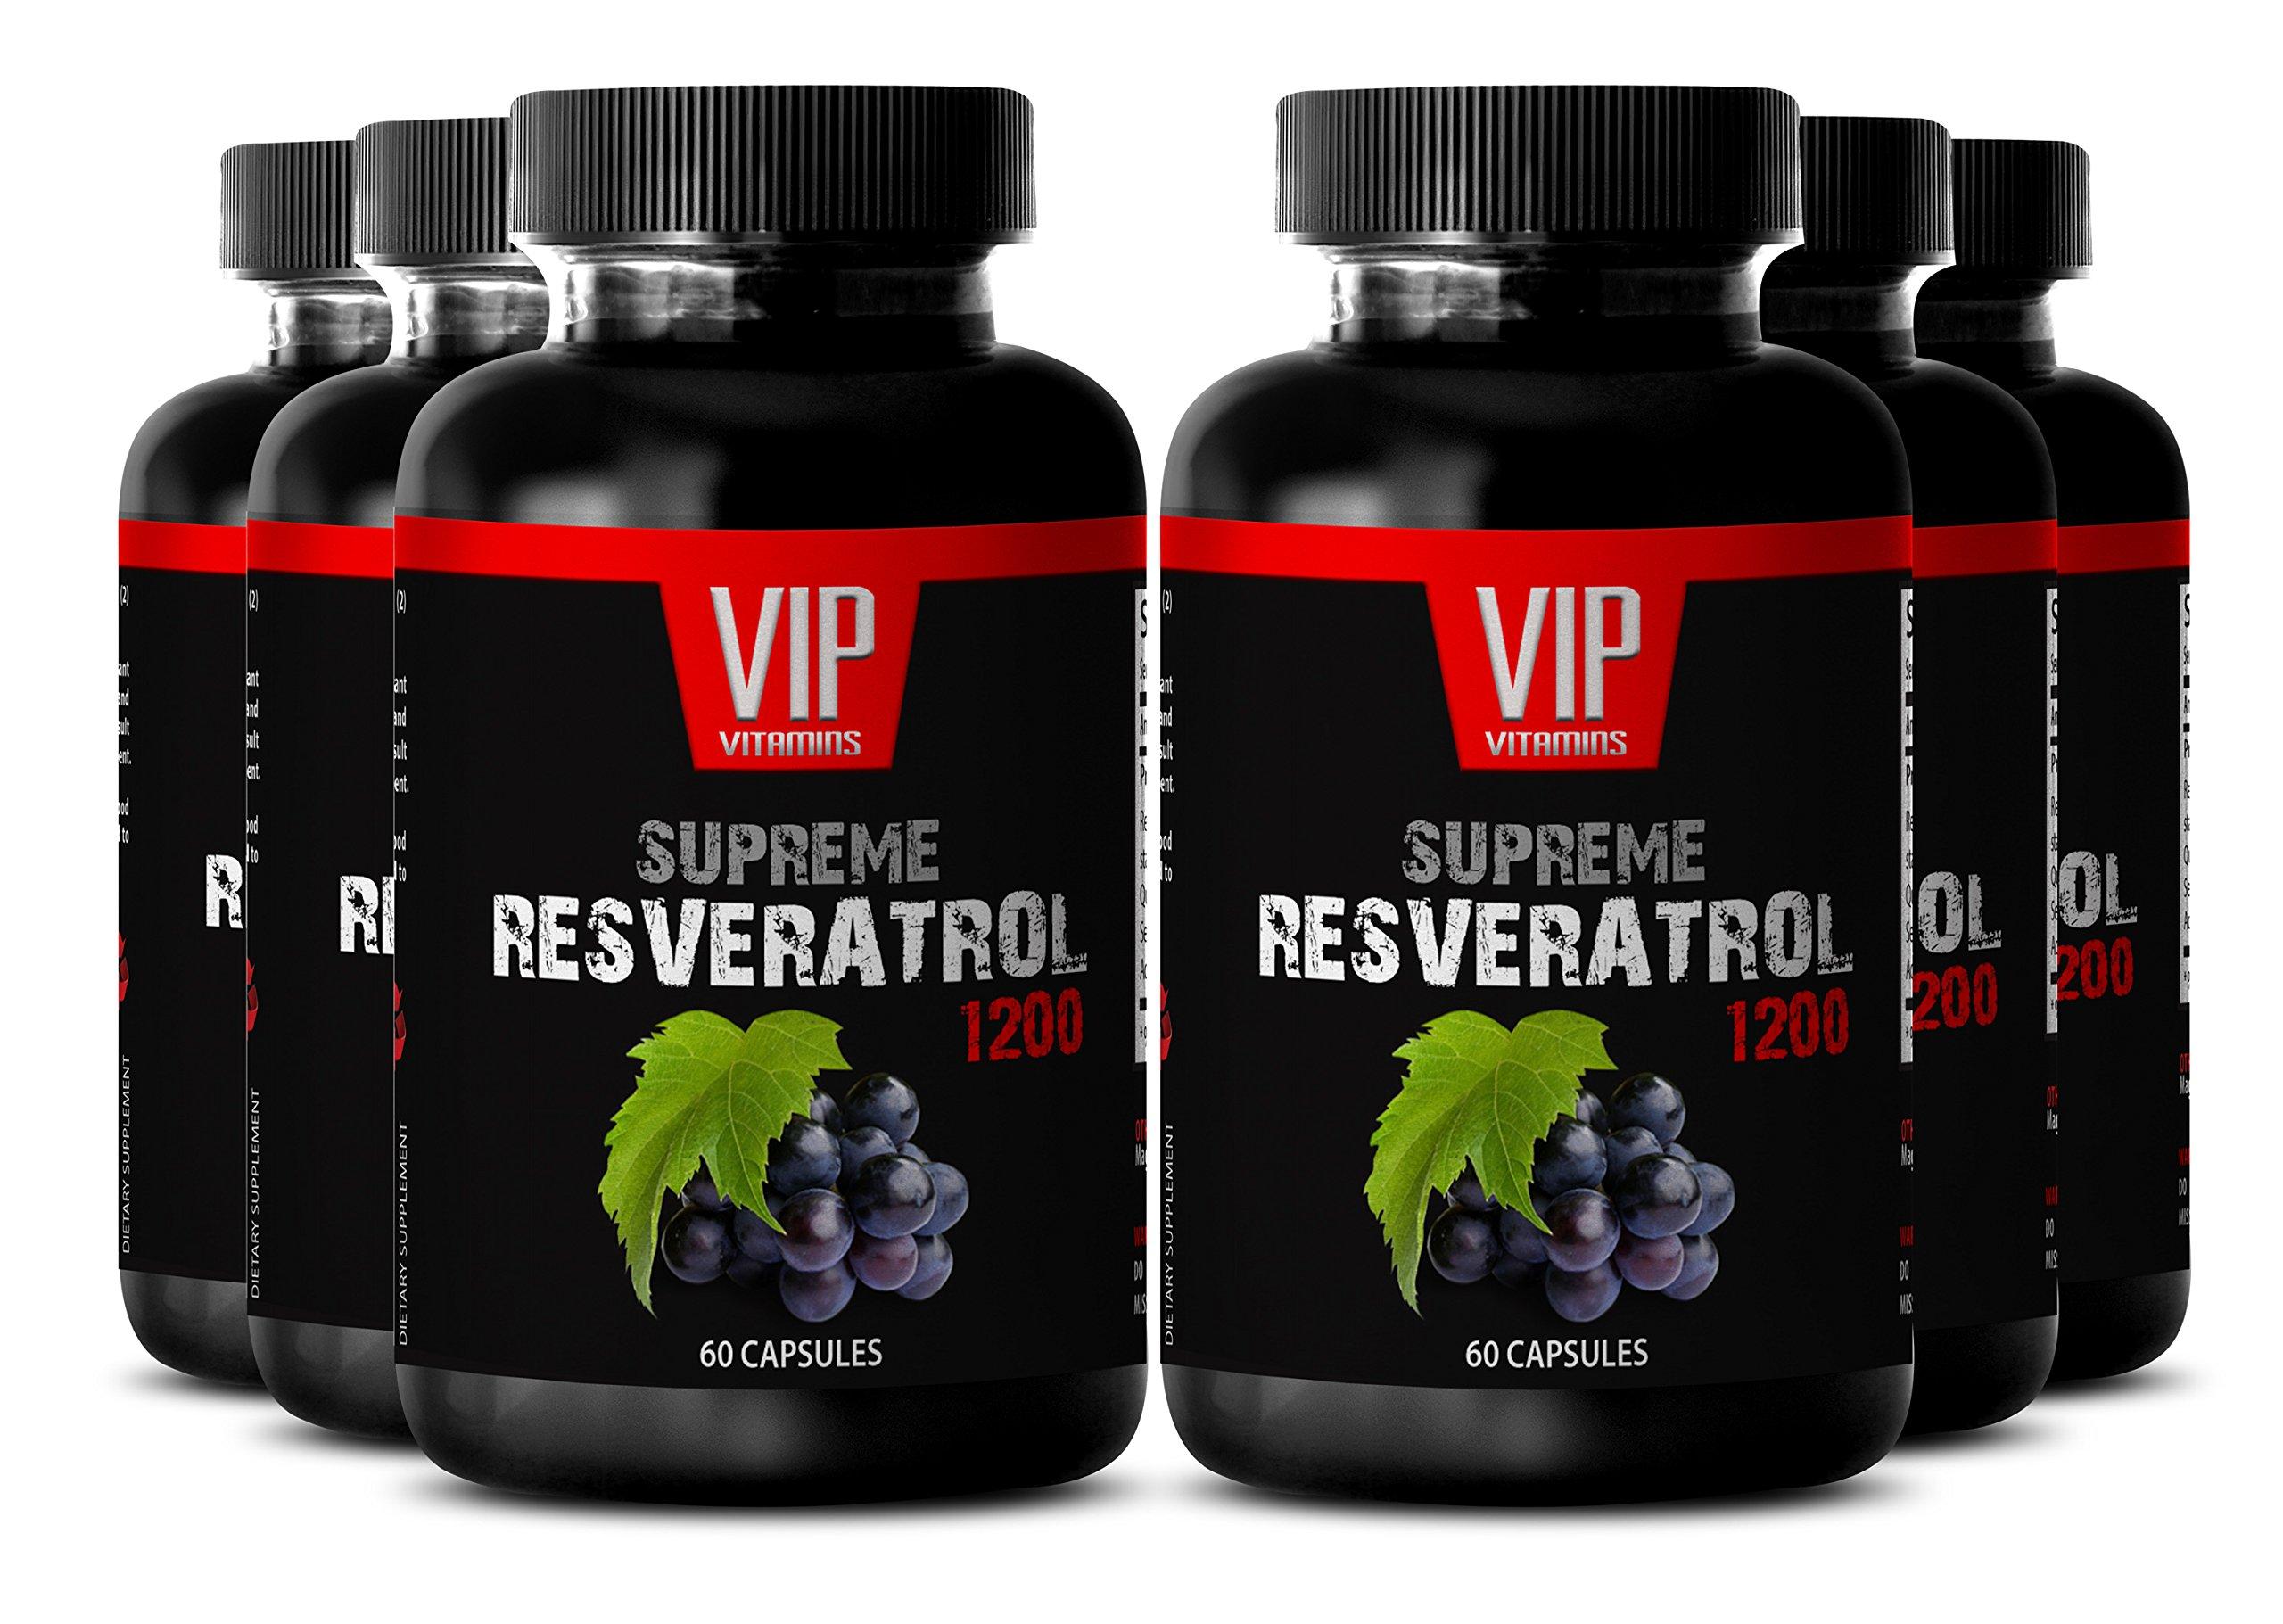 Resveratrol Premium Powder 1200mg - Premium Red Wine Extract - Maximum Strength Super Blend (6 Bottles 360 Capsules)